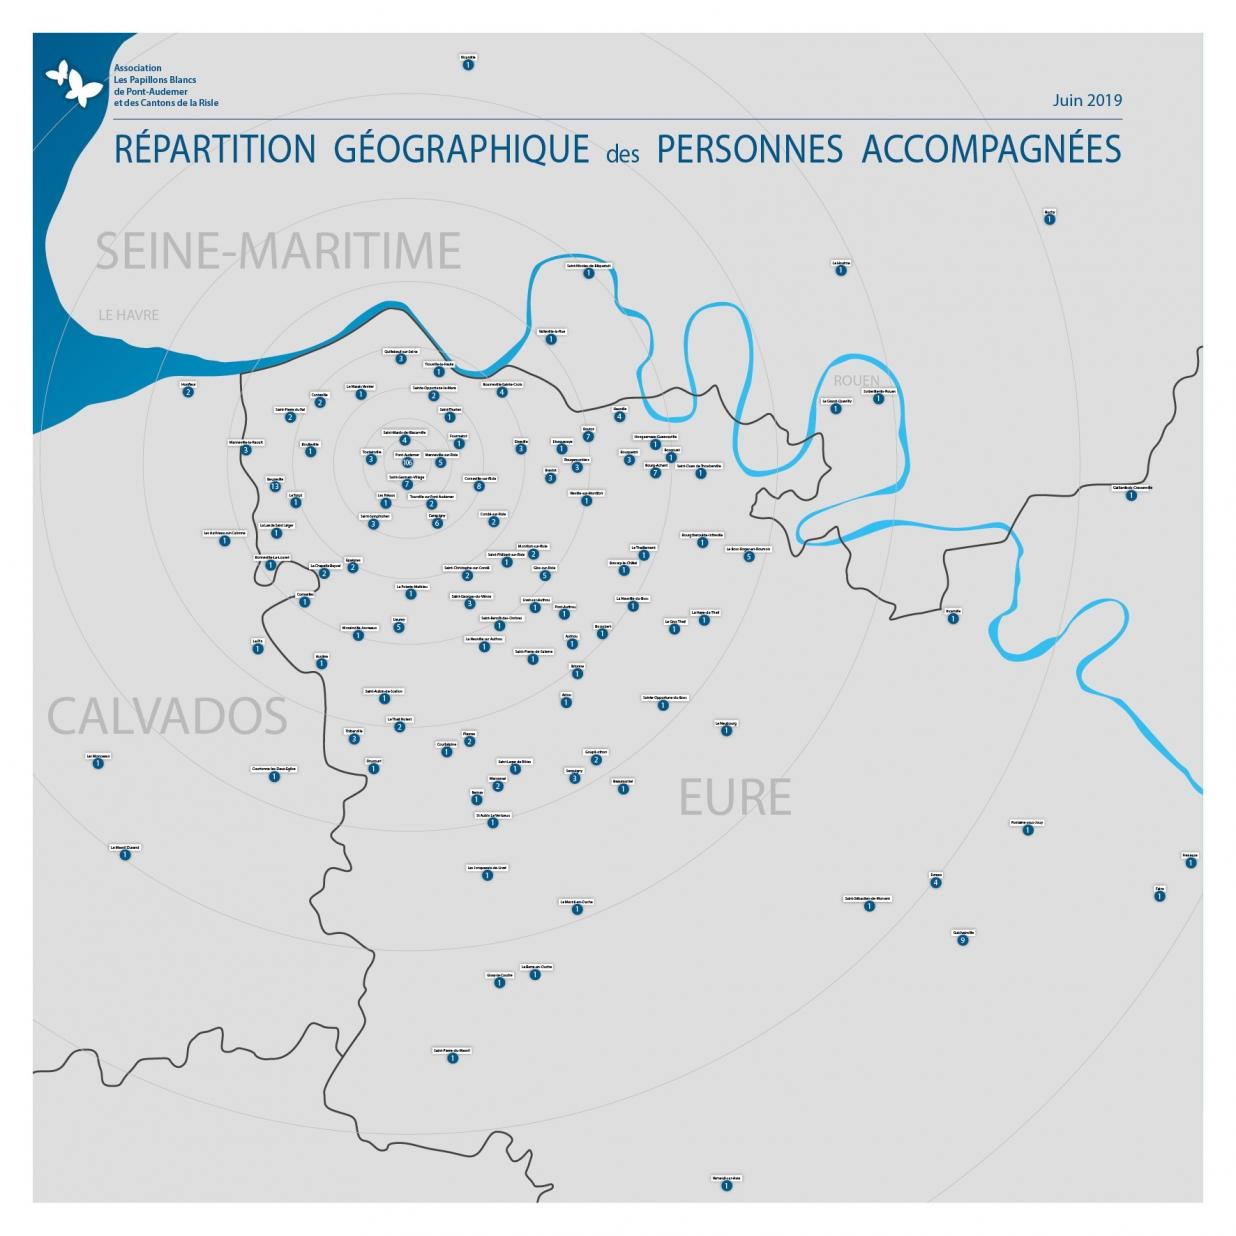 Carte de la provenance des personnes accompagnées par les papillons blancs de Pont-Audemer